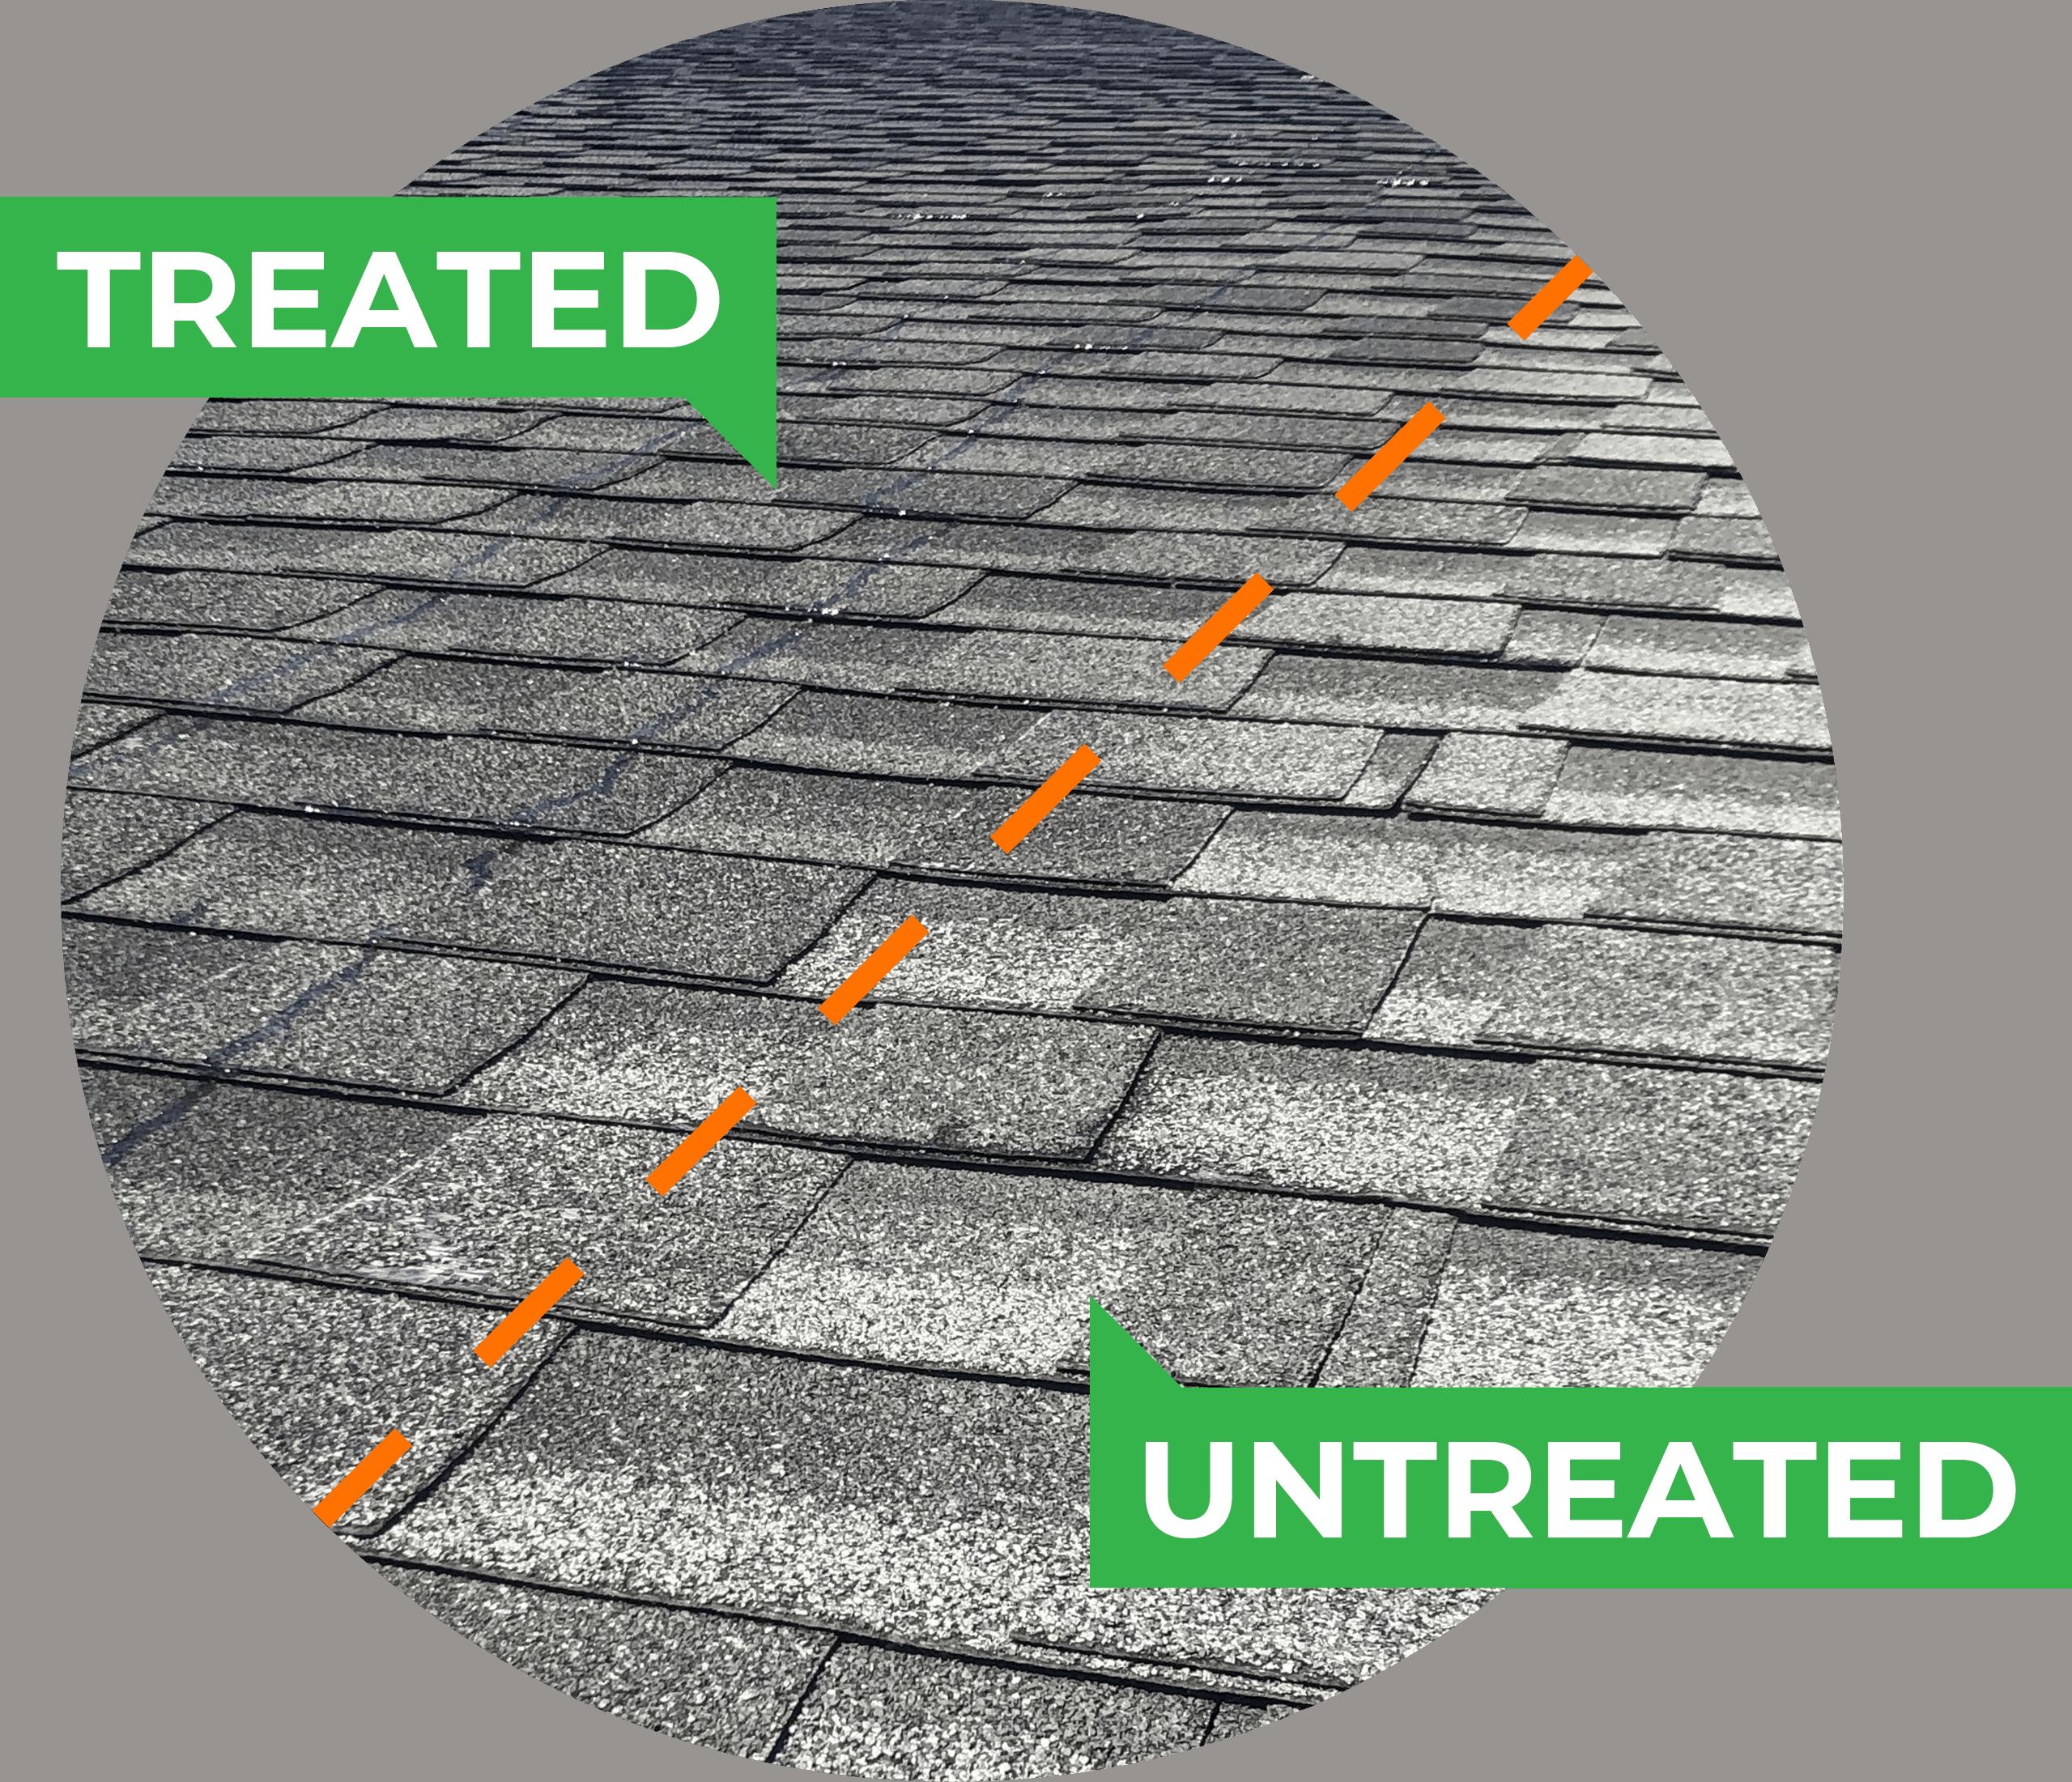 Treated vs. Untreated shingles 4